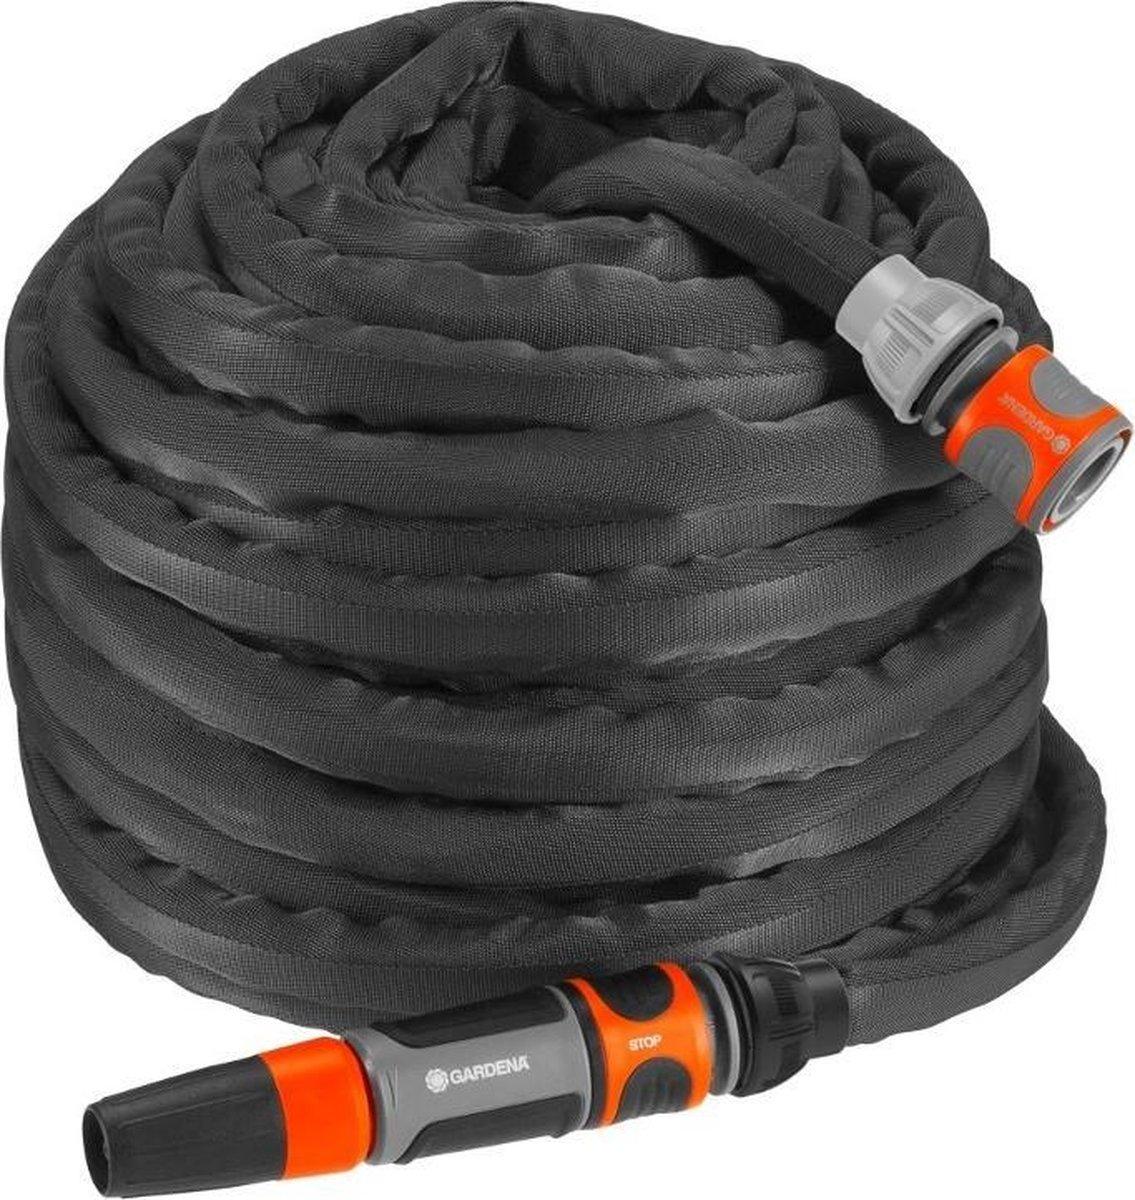 GARDENA Textielslang Liano™ 30 M Tuinslang - 30 Meter - 13 mm